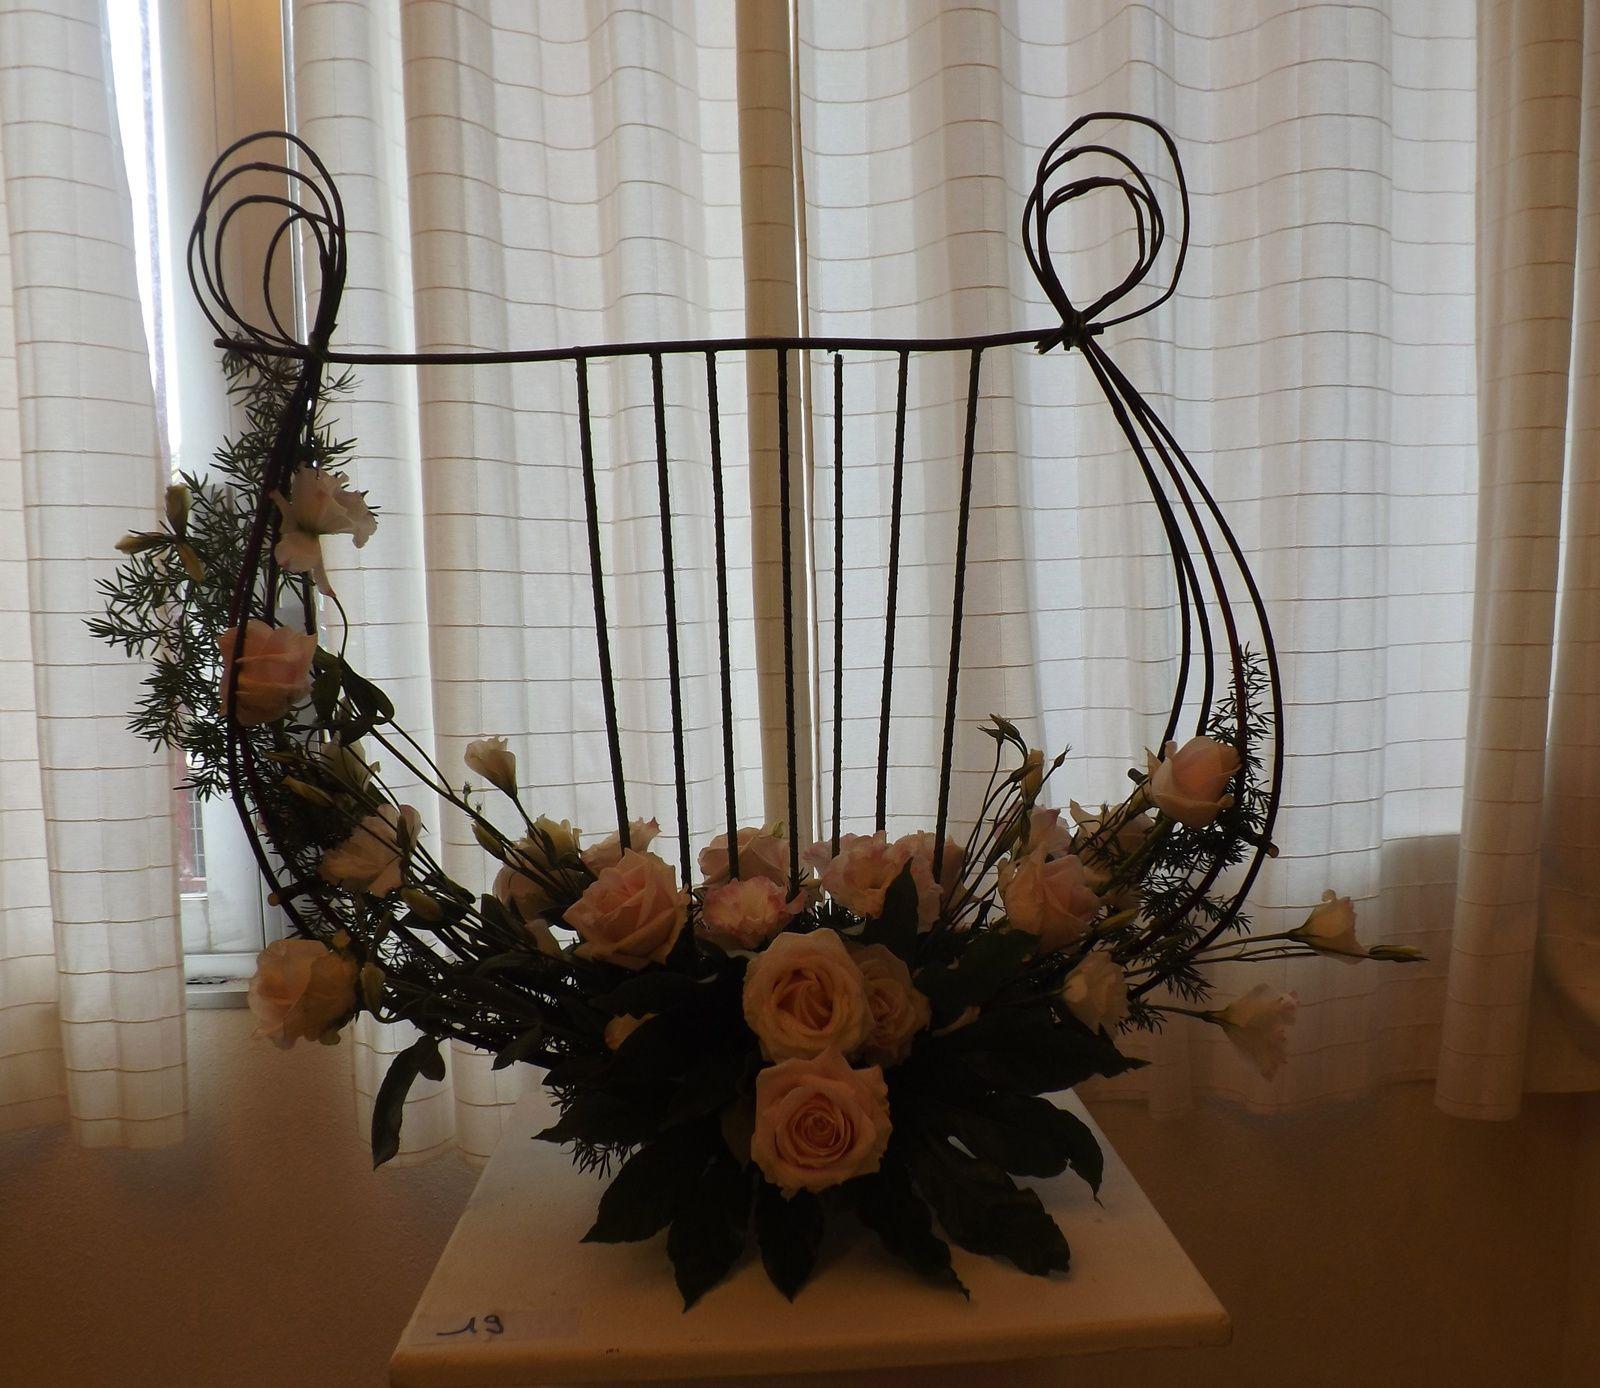 Concours Floral a la Citadelle - Villefranche/Mer 17/05/14